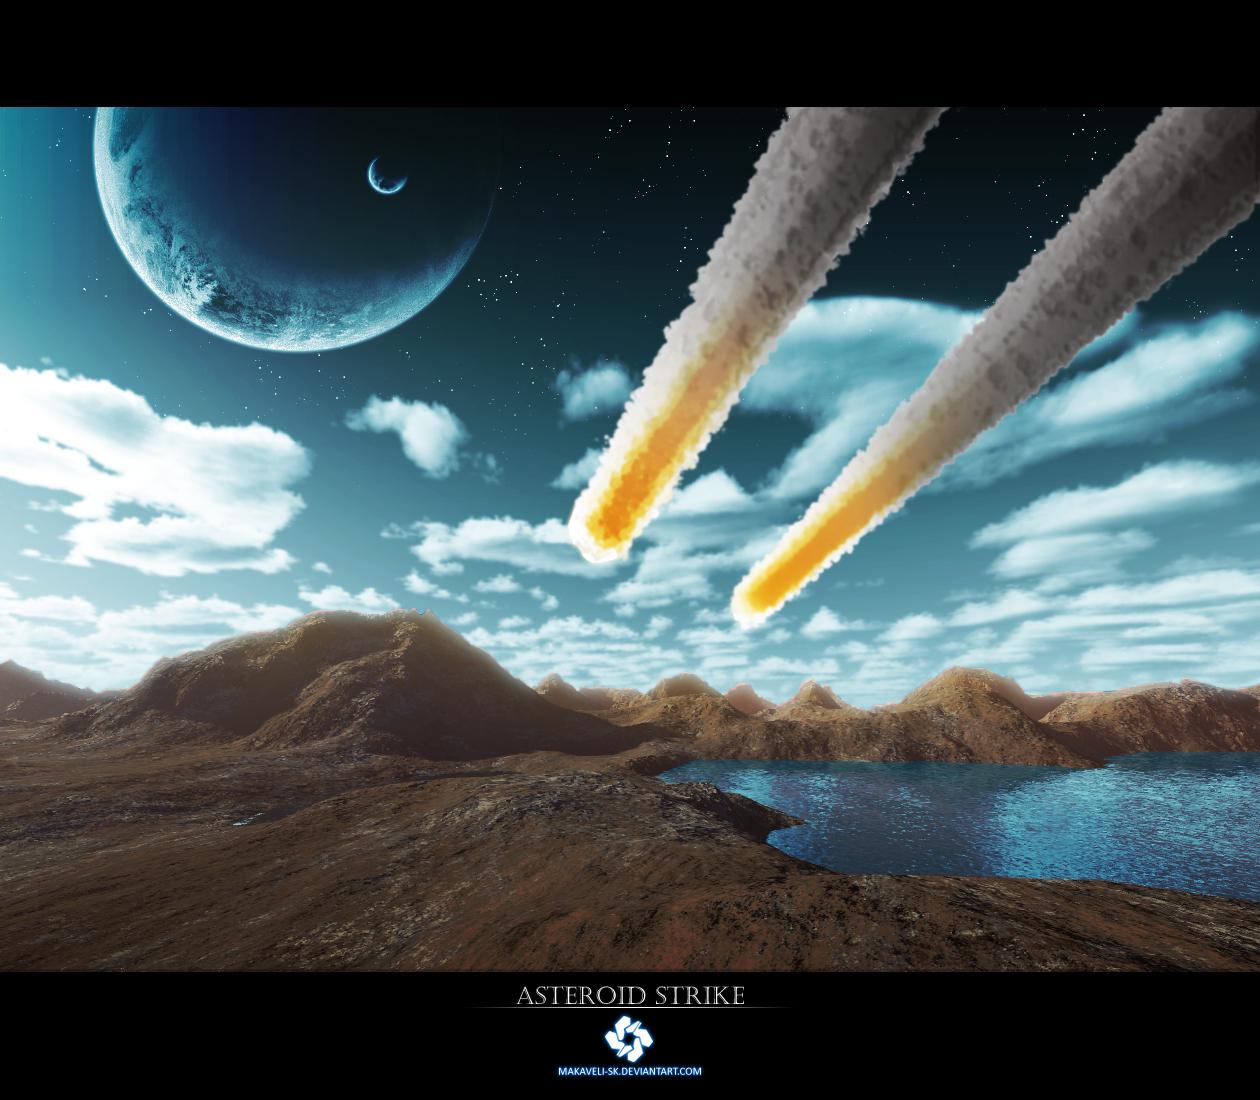 Asteroid Strike by Makaveli-sk